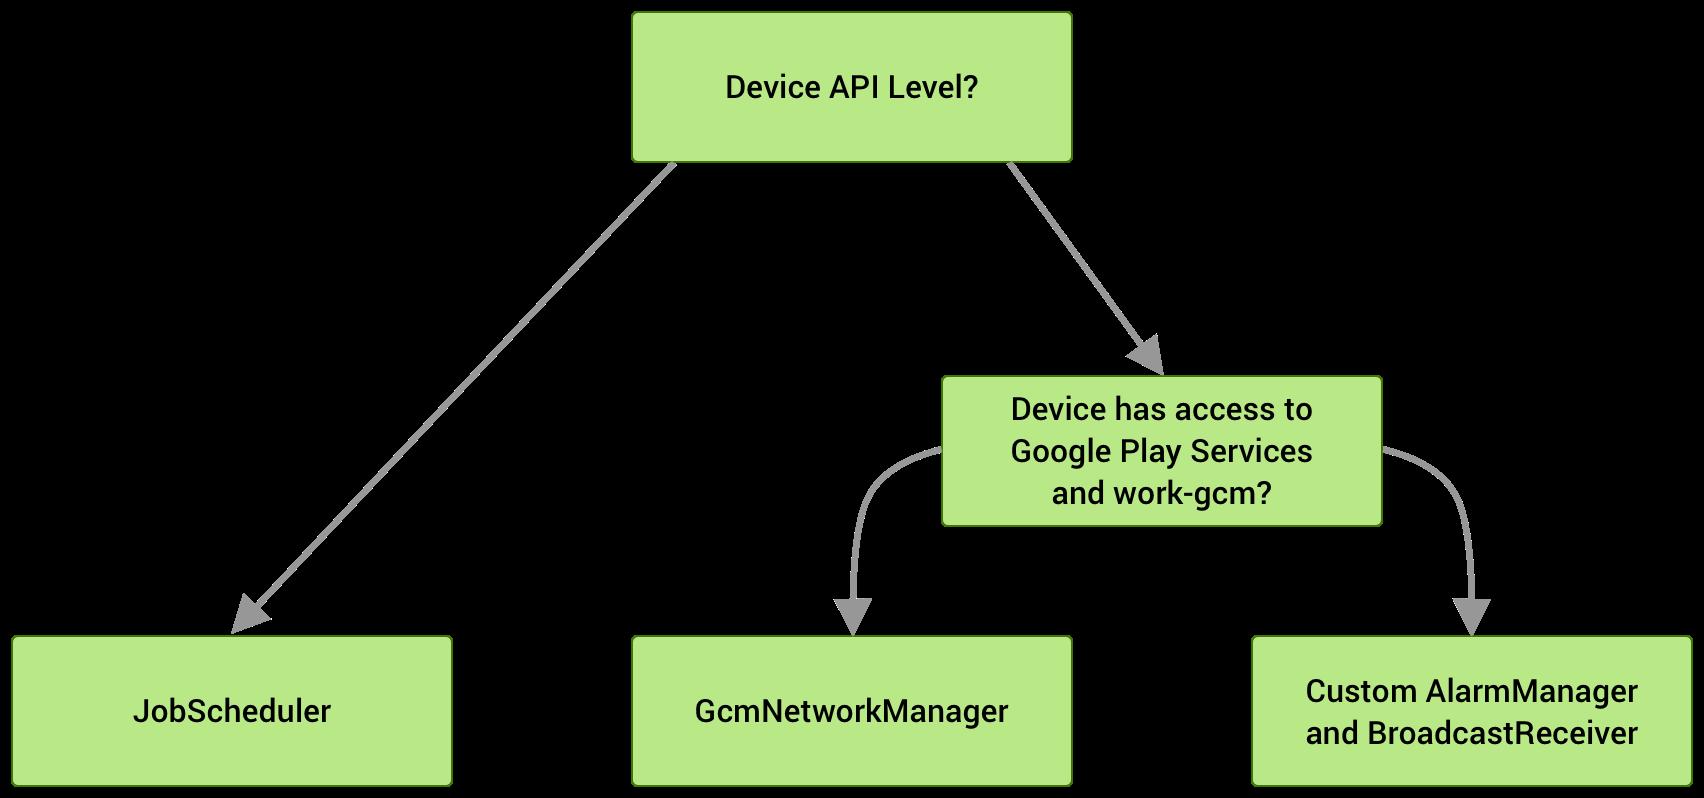 Se o dispositivo estiver executando API de nível 23 ou mais recente, o JobScheduler será usado. Nos níveis 14 a 22 da API, o GcmNetworkManager será escolhido, se estiver disponível. Caso contrário, uma implementação personalizada do AlarmManager e do BroadcastReceiver será usada como substituta.